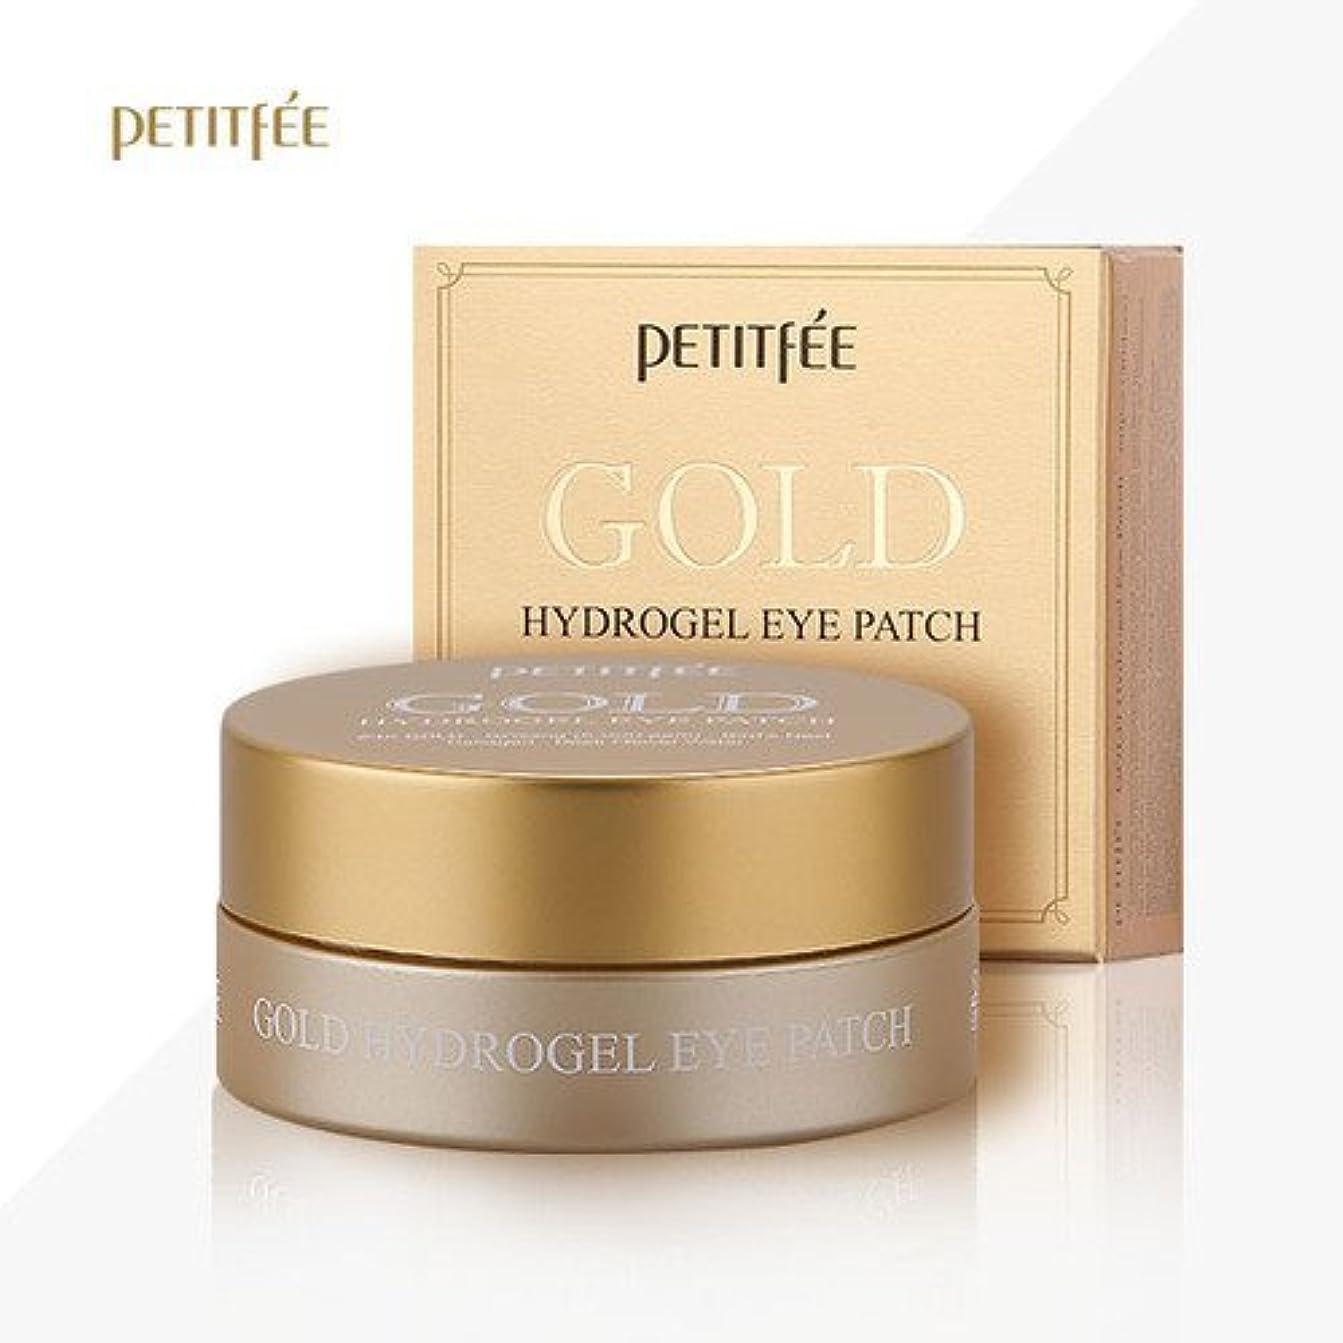 雑品評価する行進PETITFEE(プチペ)ゴールドハイドロゲルアイパチ(60枚)/ Petitfee Gold Hydrogel Eye Patch (60Sheets) [並行輸入品]